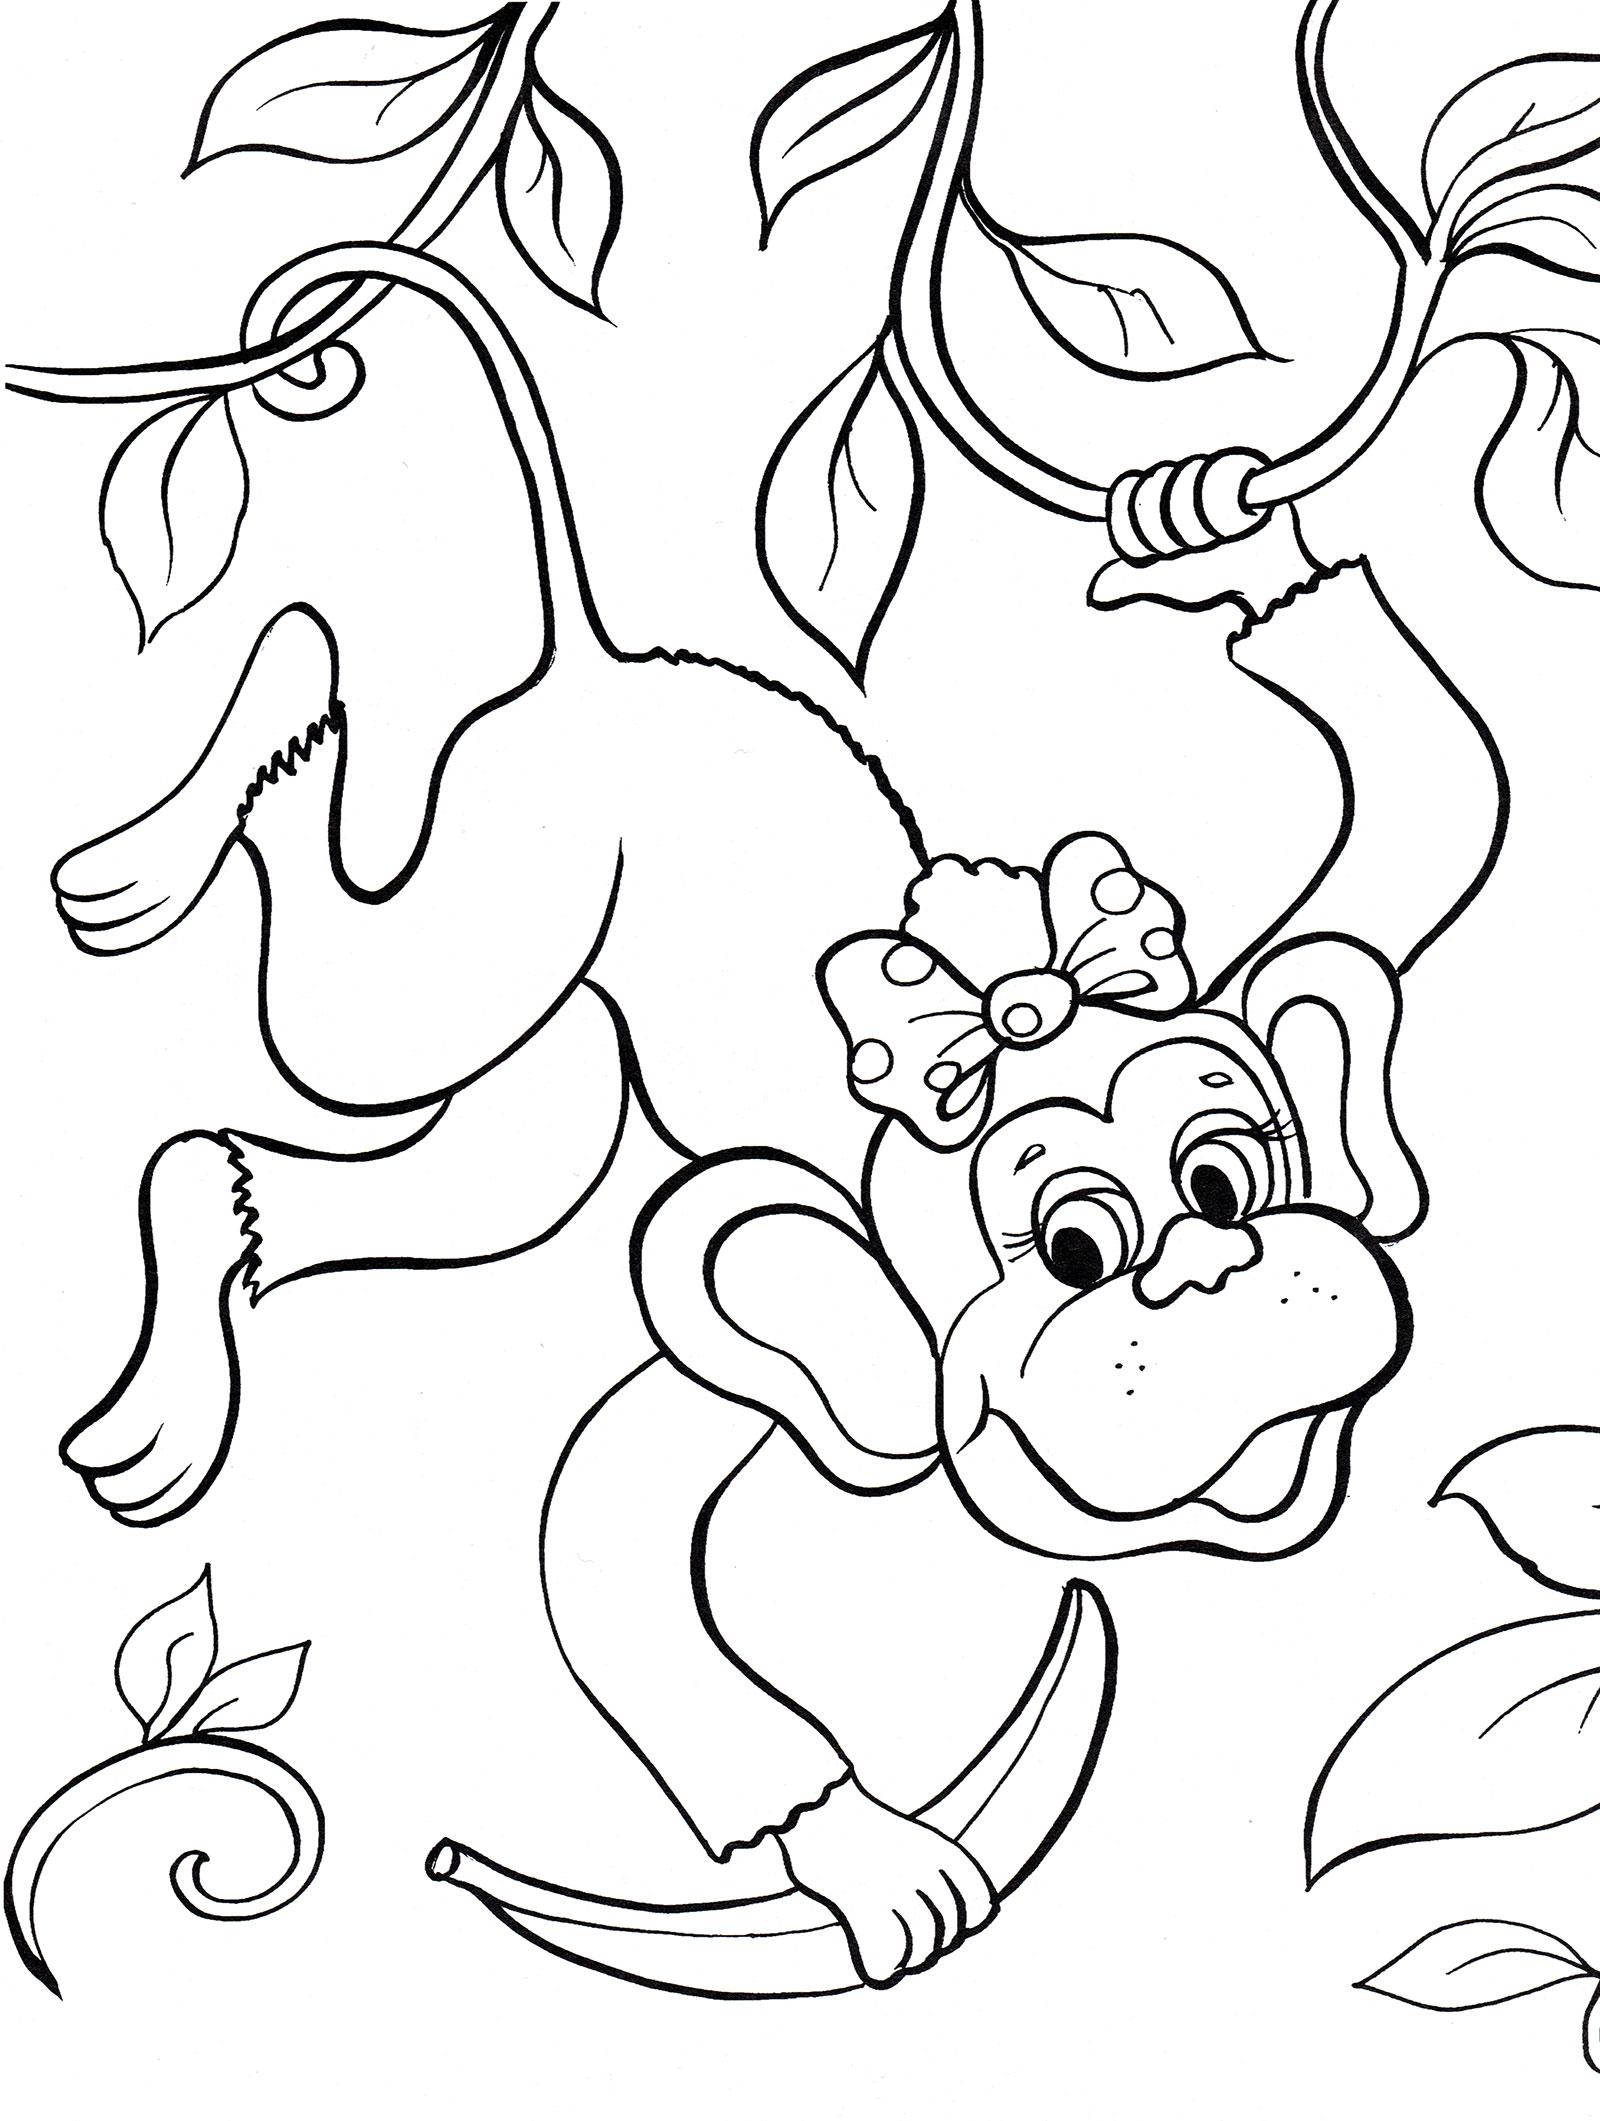 Раскраска Обезьяна на лиане - распечатать бесплатно